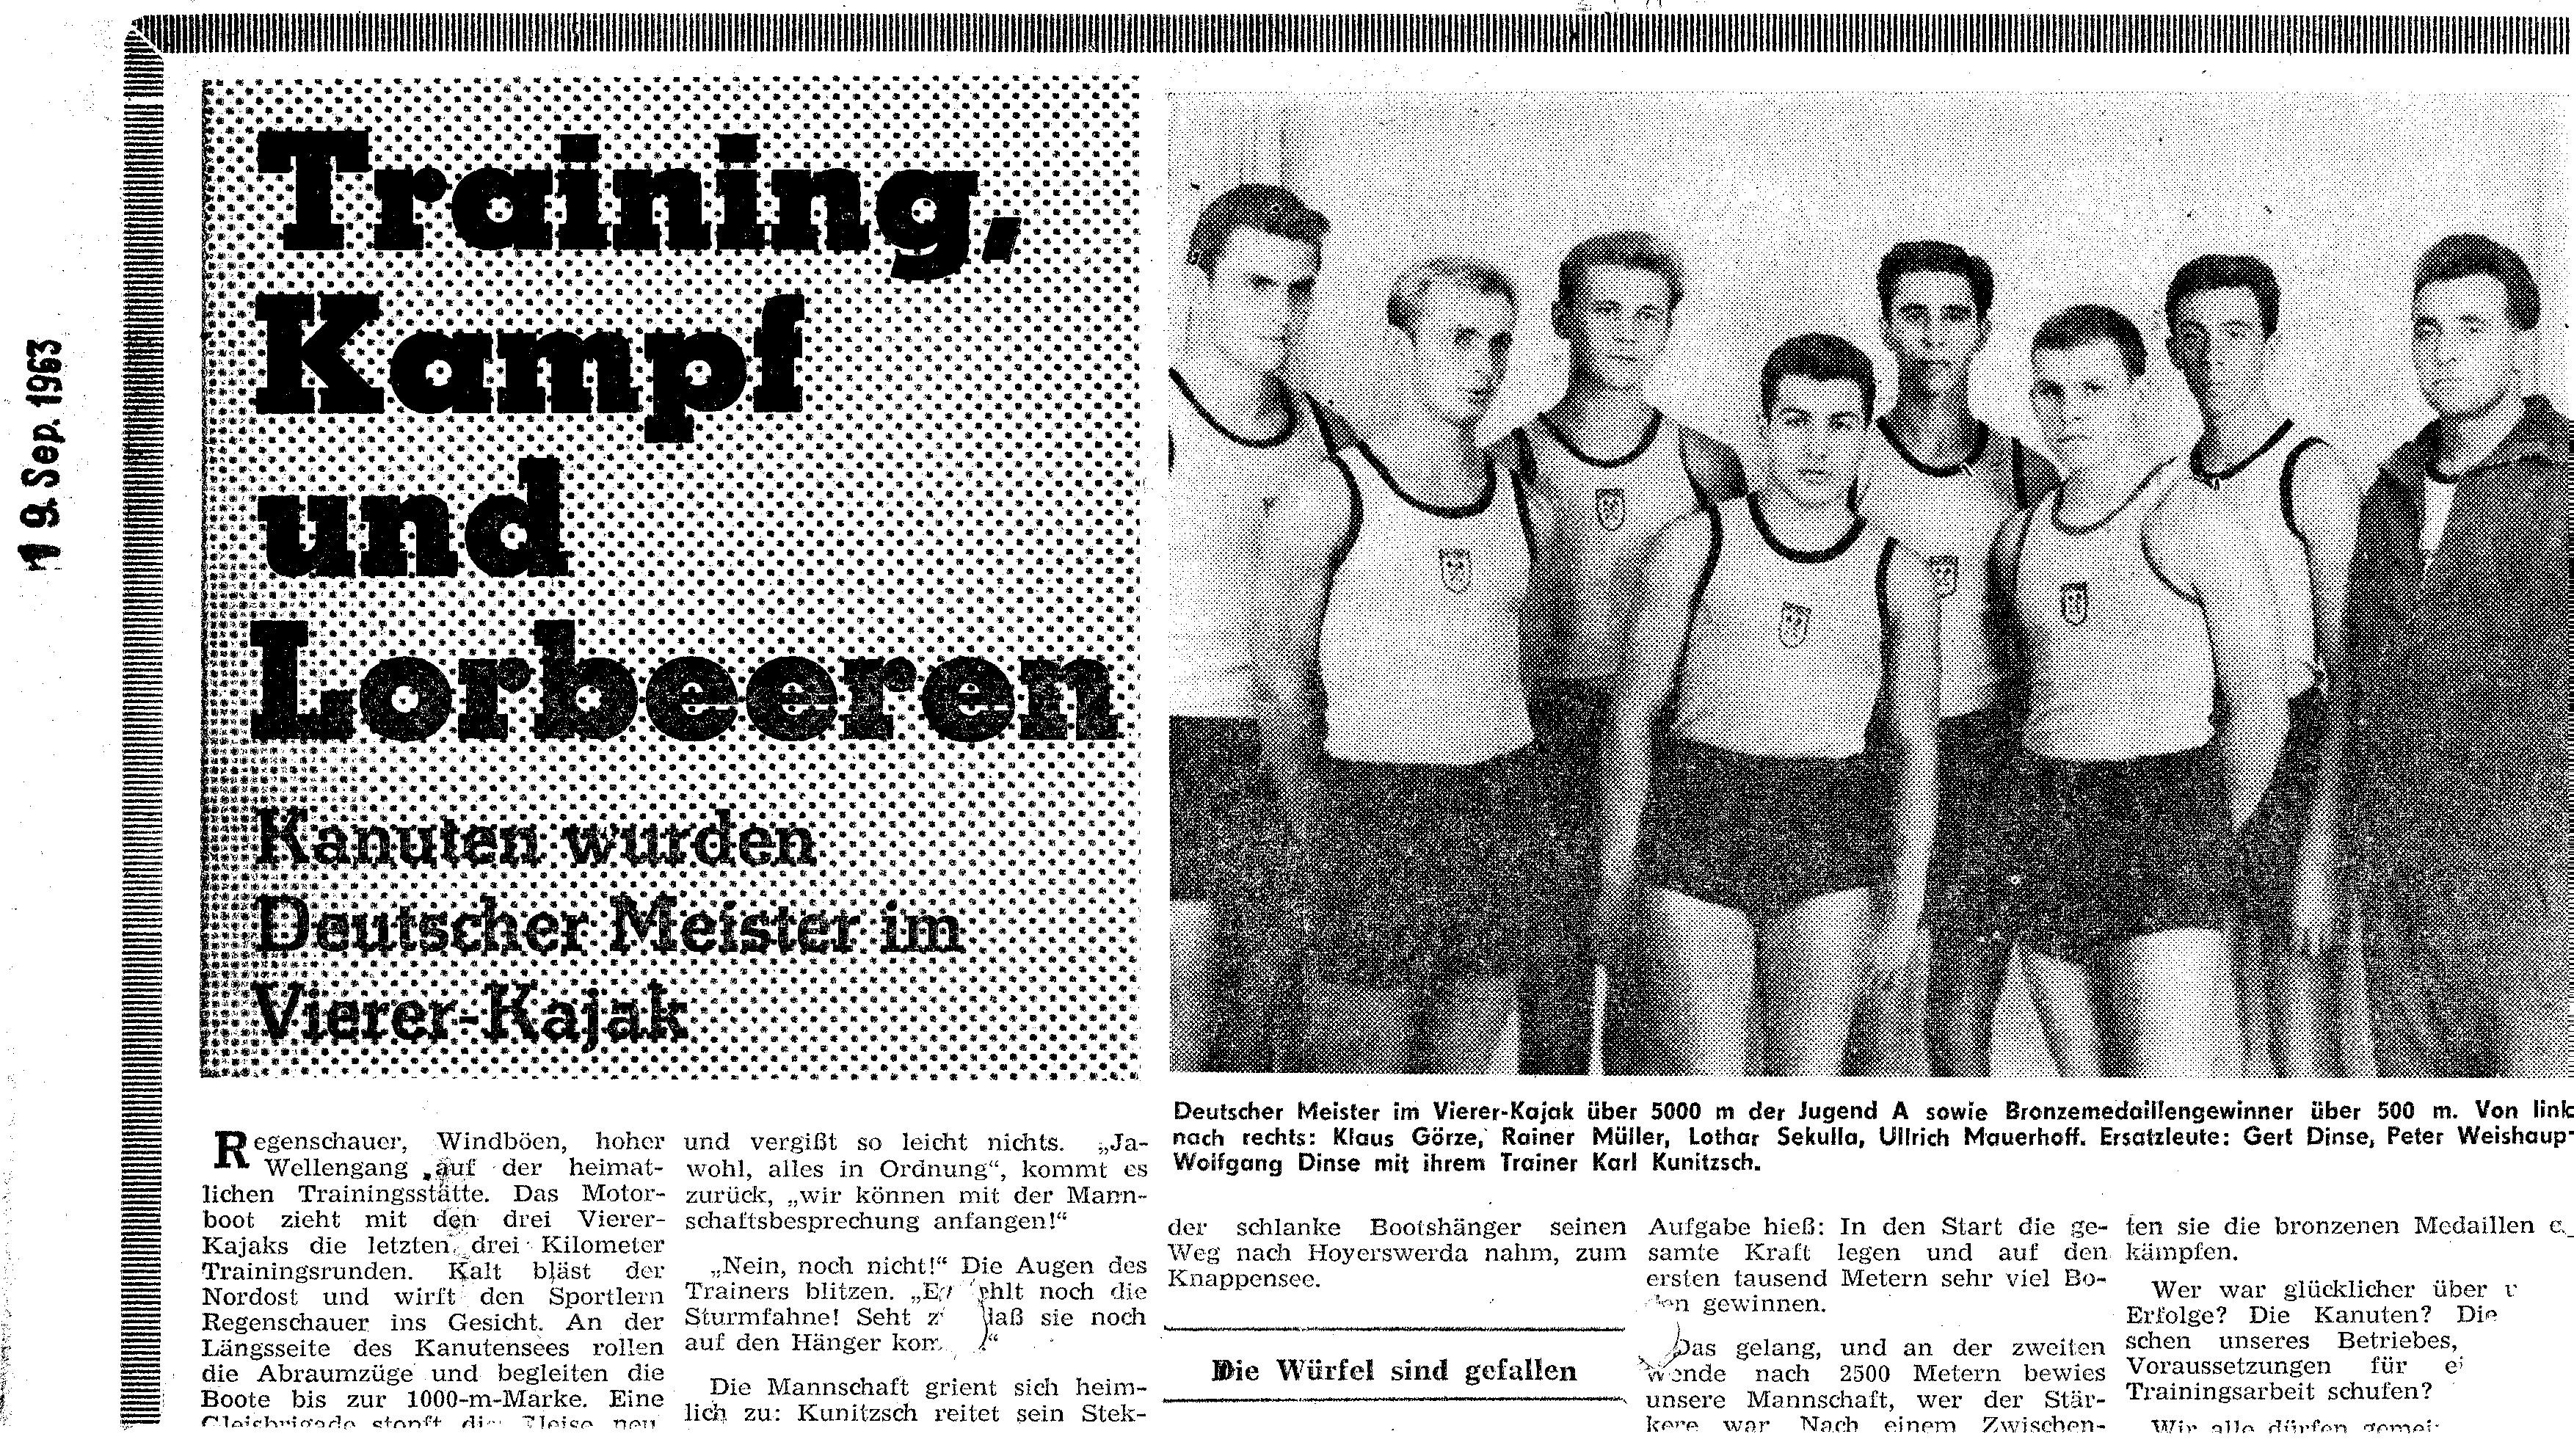 1963-09-19 Training, Kampf und Lorbeeren